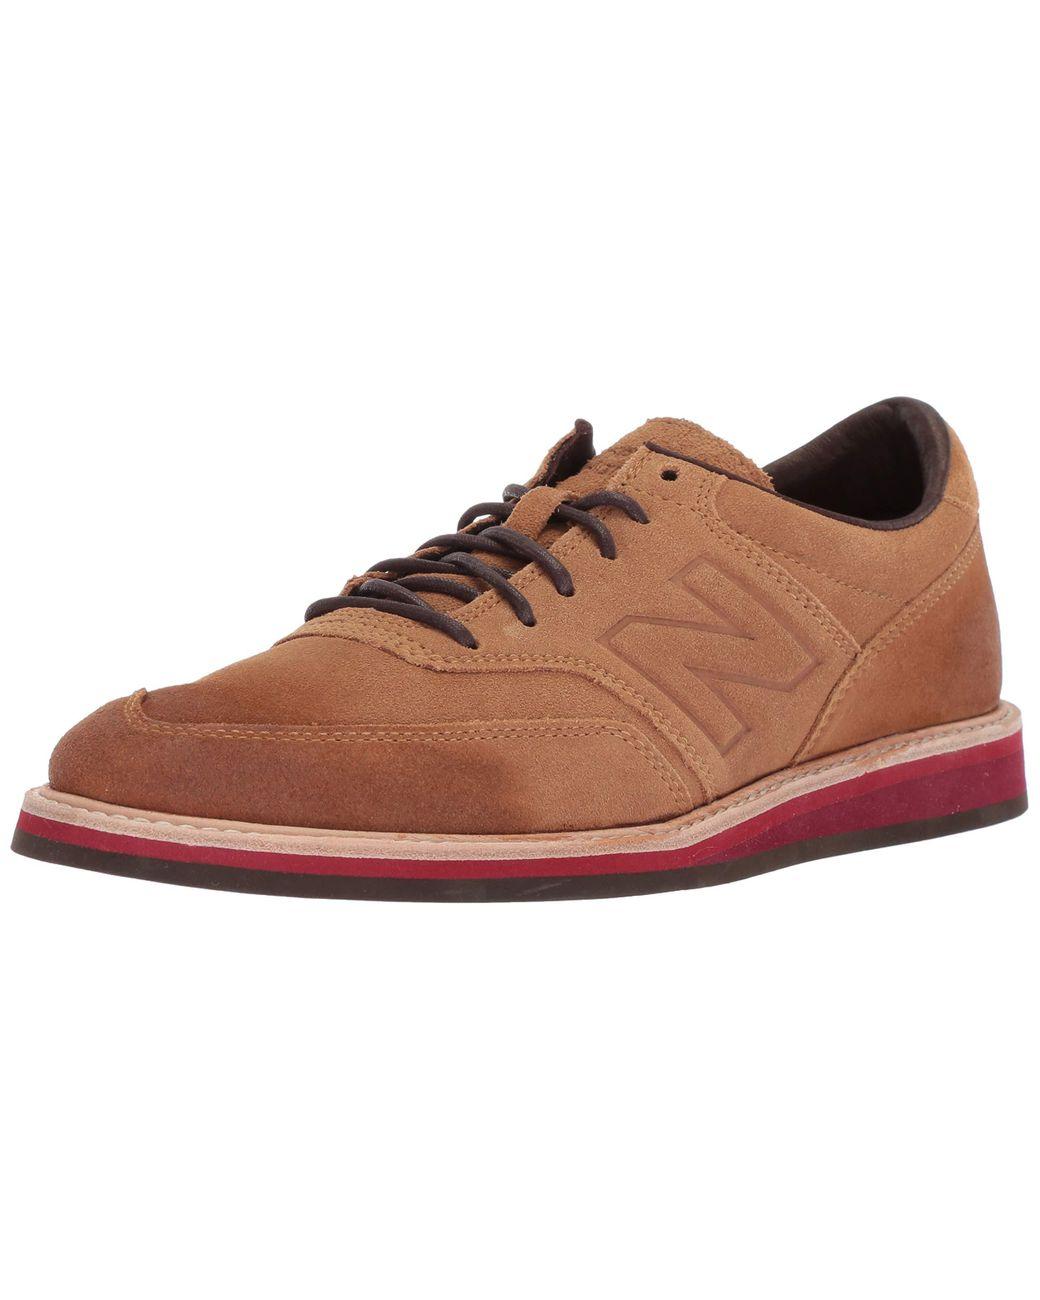 New Balance Leather 1100 V1 Walking